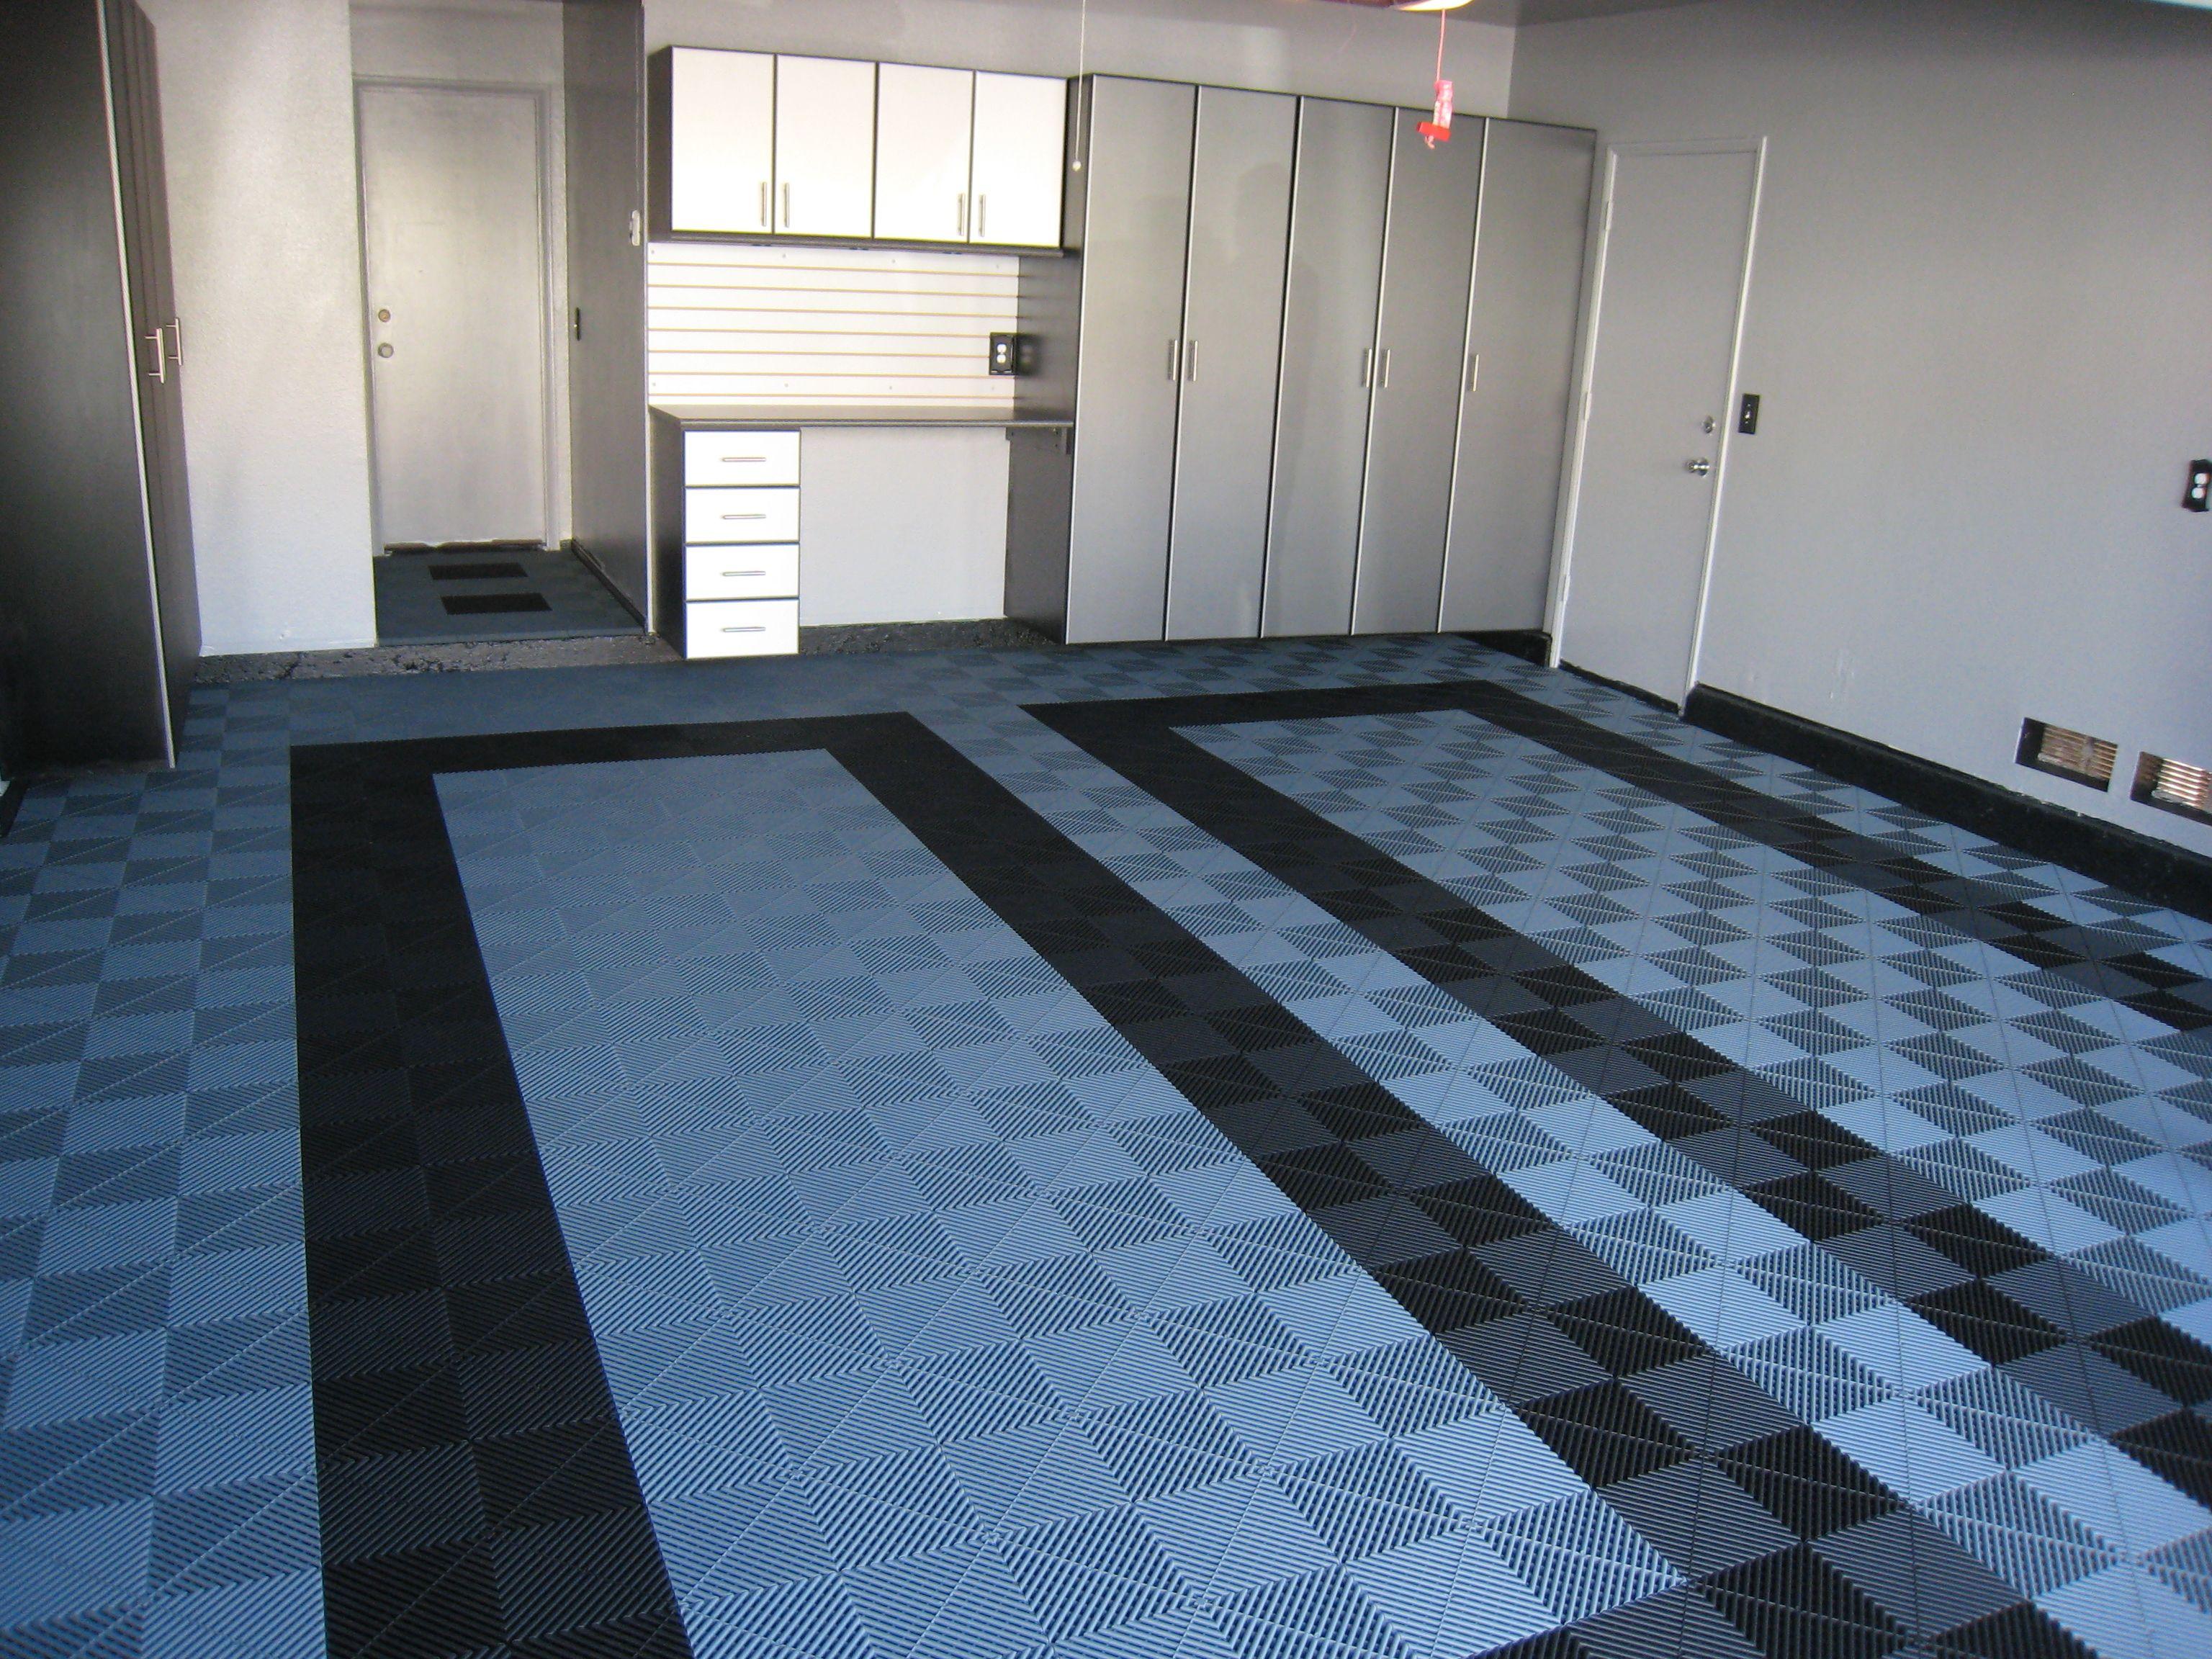 Slate Grey With Black Parking Frames Modmyfloor Com Swisstrax Garage Floor Tiles Floor Tile Design Garage Floor